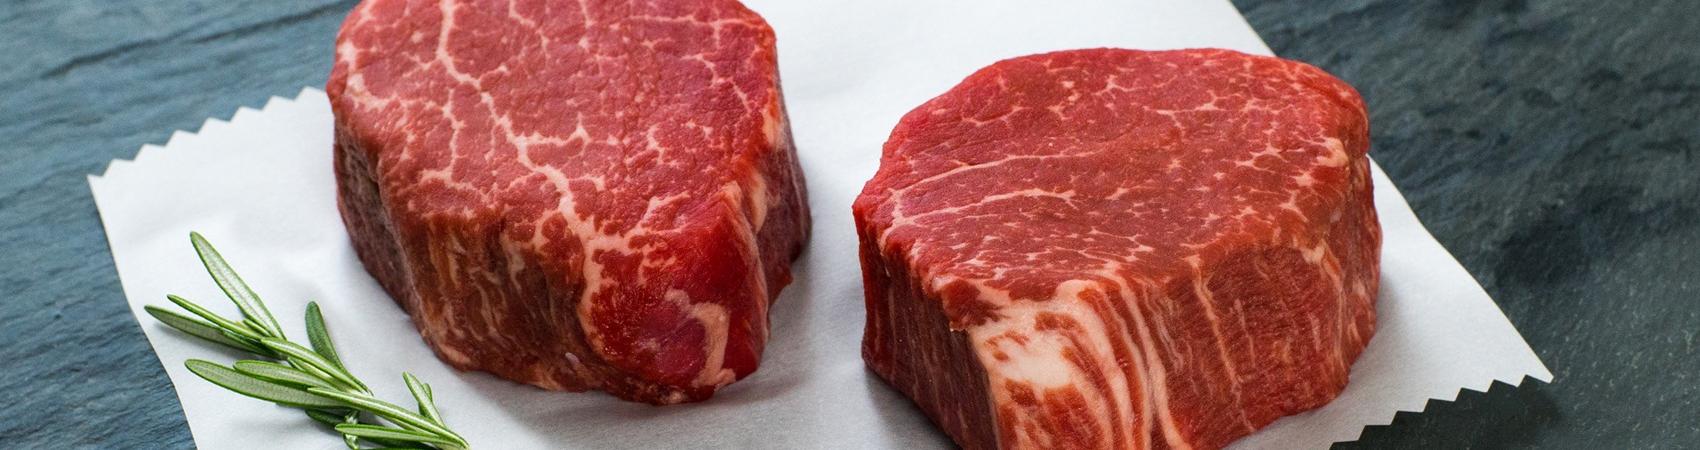 Il manzo kobe la carne migliore al mondo misya magazine - Migliore cucina al mondo ...